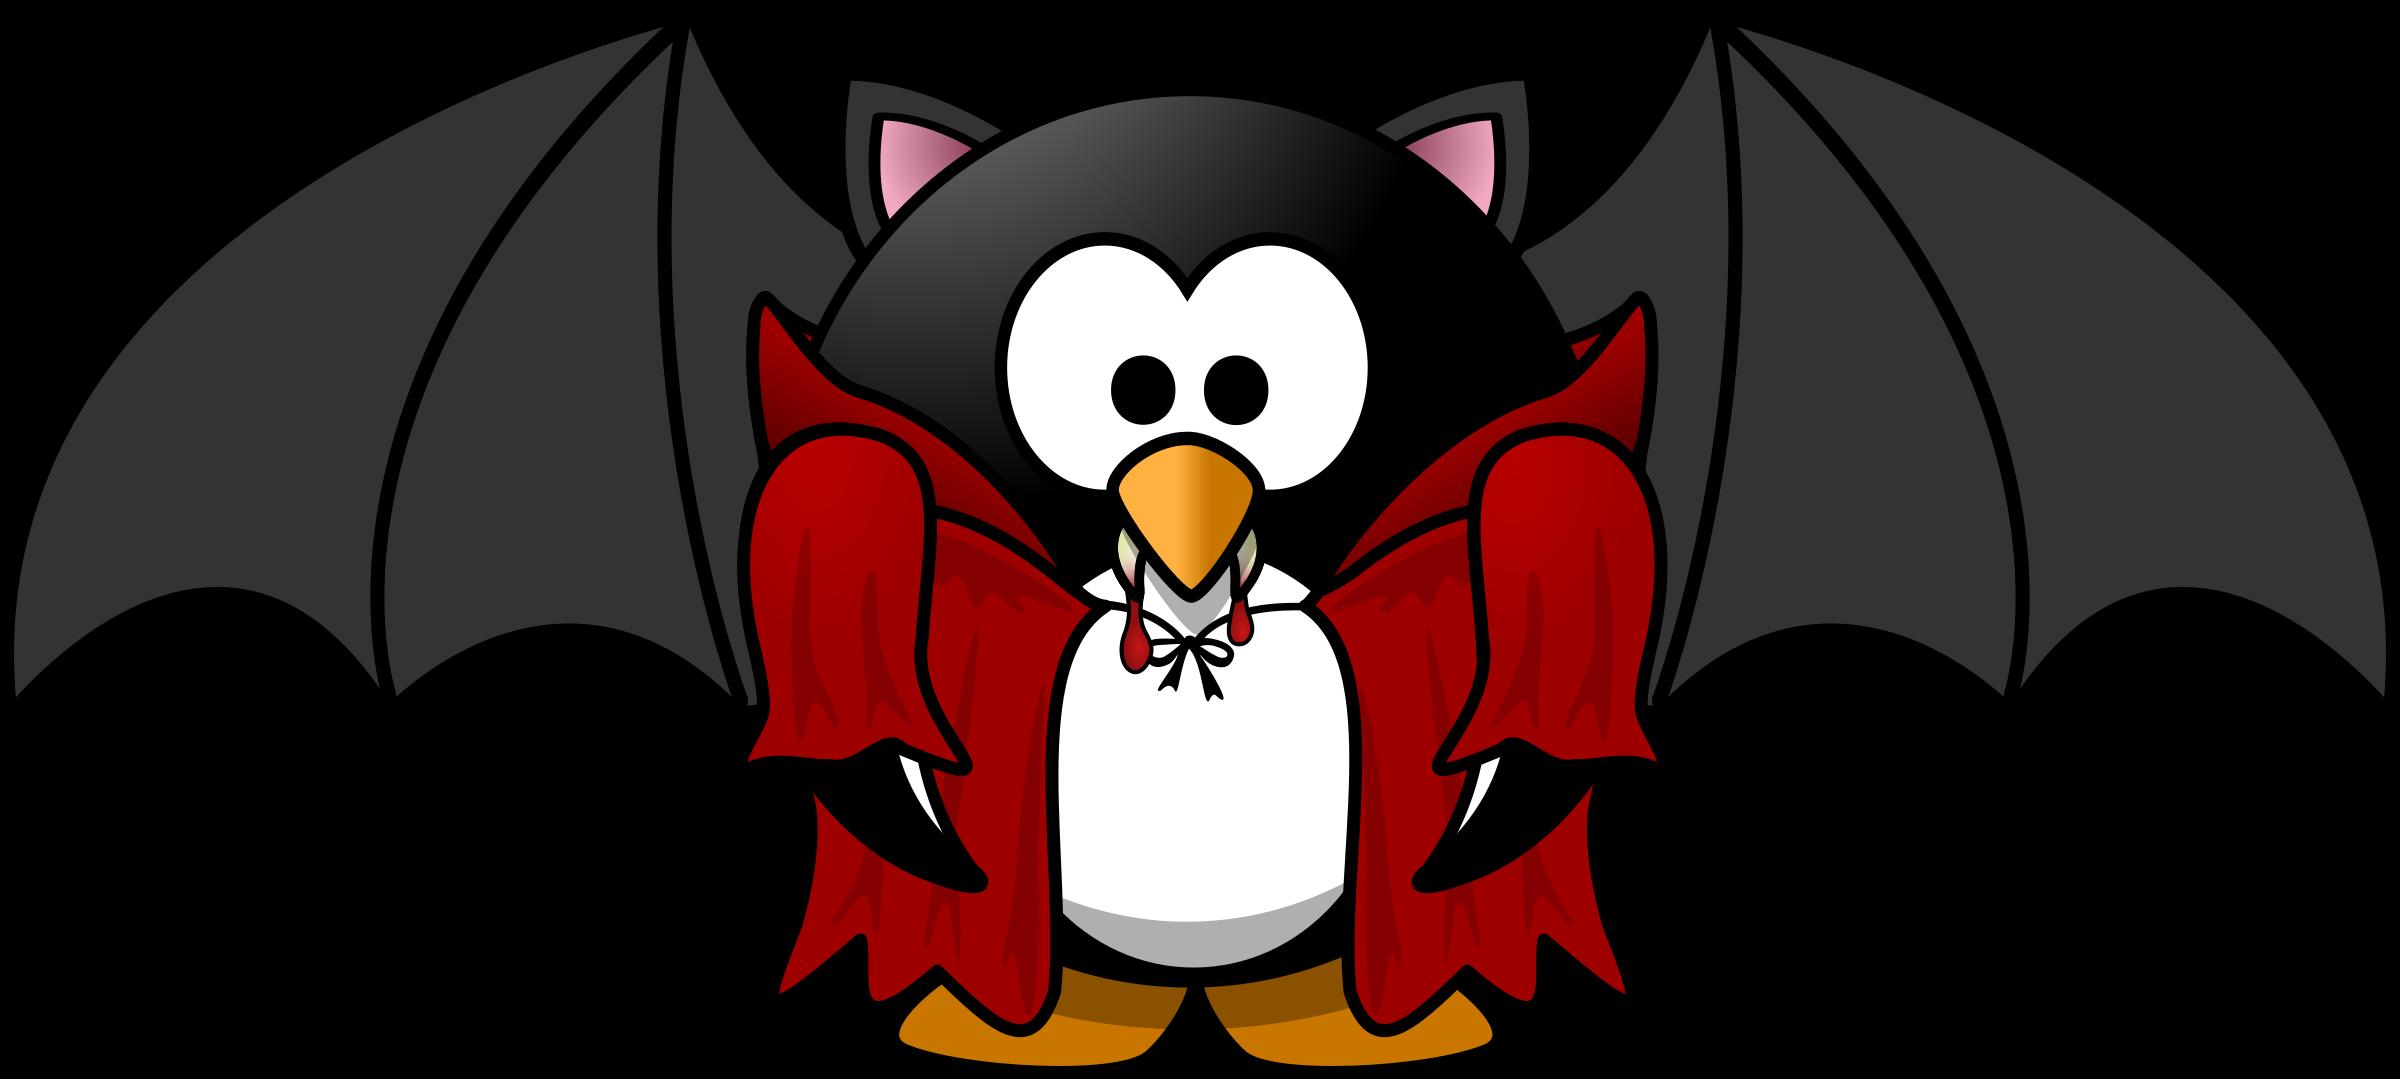 Dracula cute